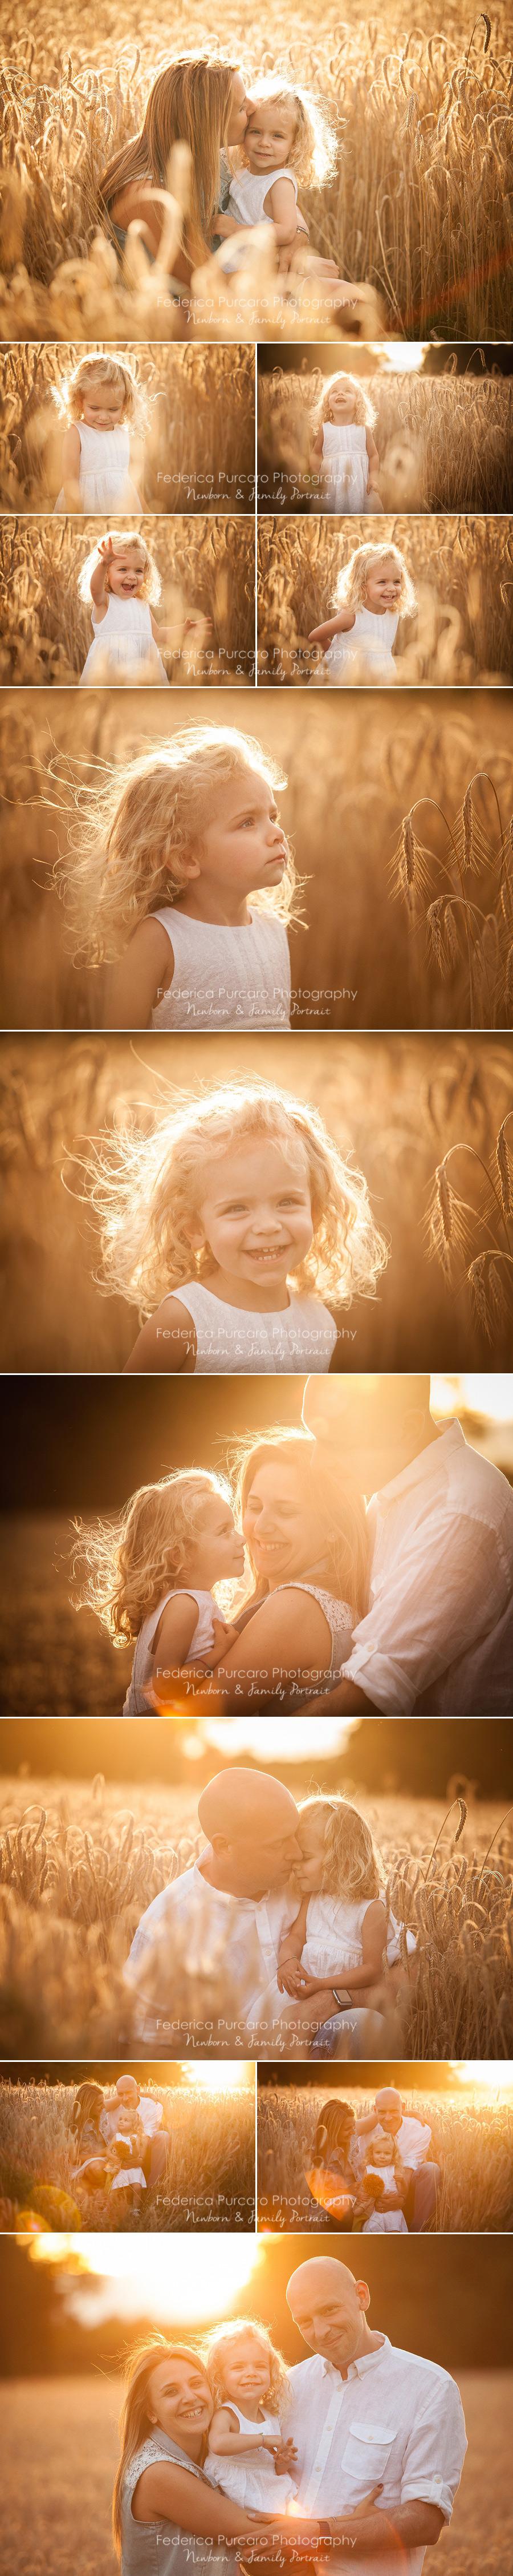 fotografo famiglie milano